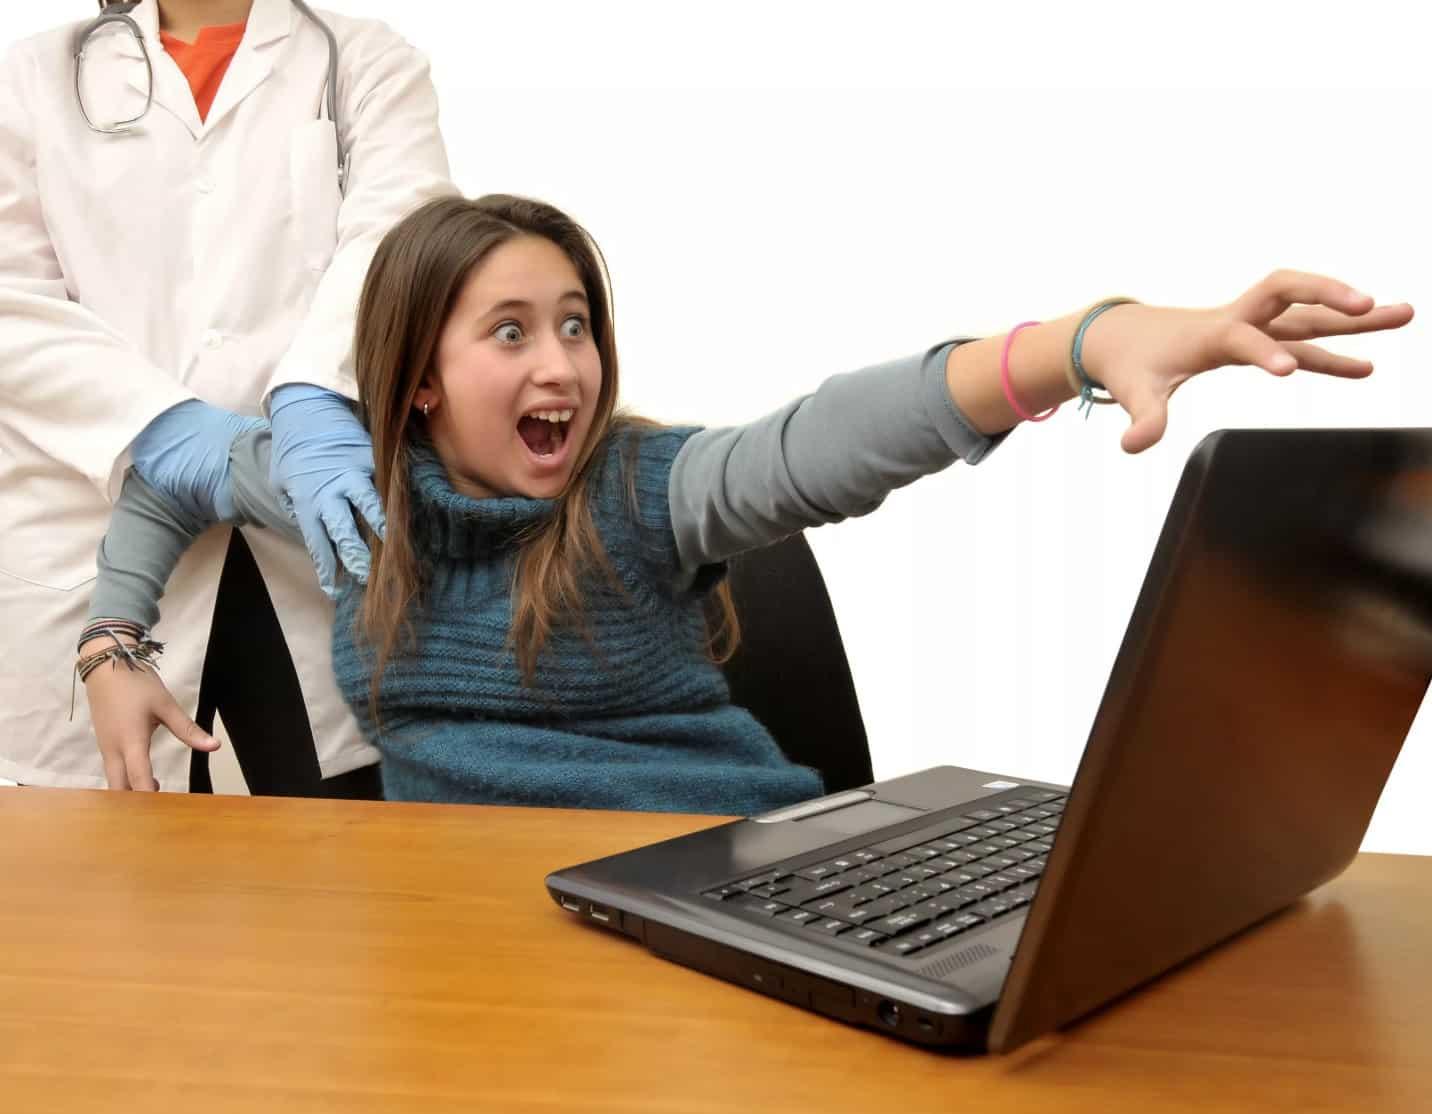 Зависимость от интернета: социальные сети делают людей агрессивными и несчастными